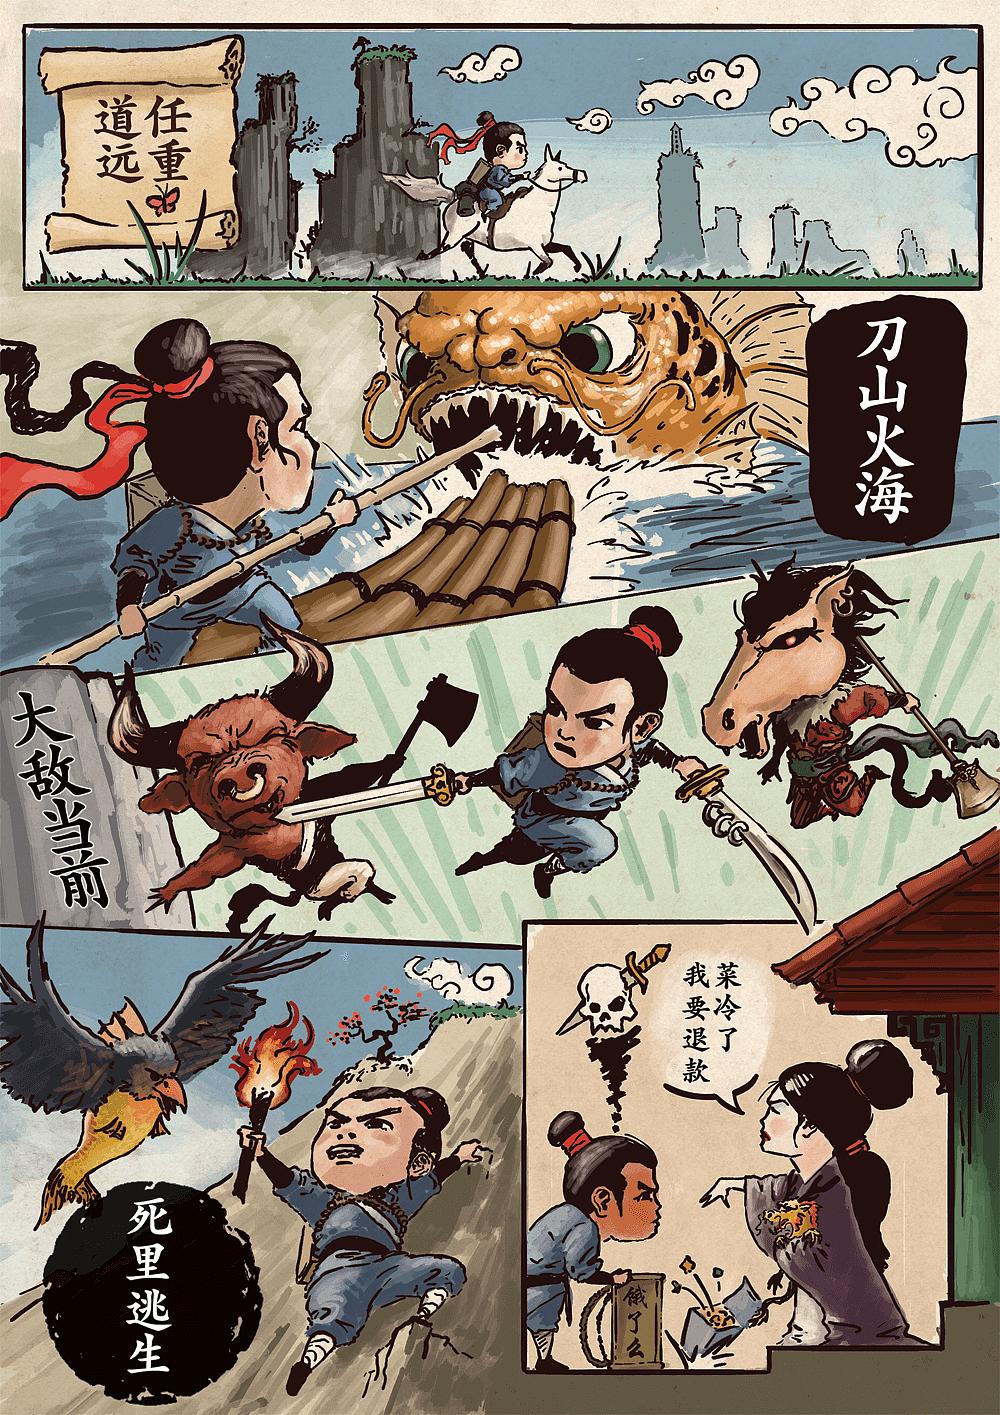 饿了么游记 动漫 短篇\/四格漫画 sivereta - 原创作品 - 站酷 (ZCOOL)